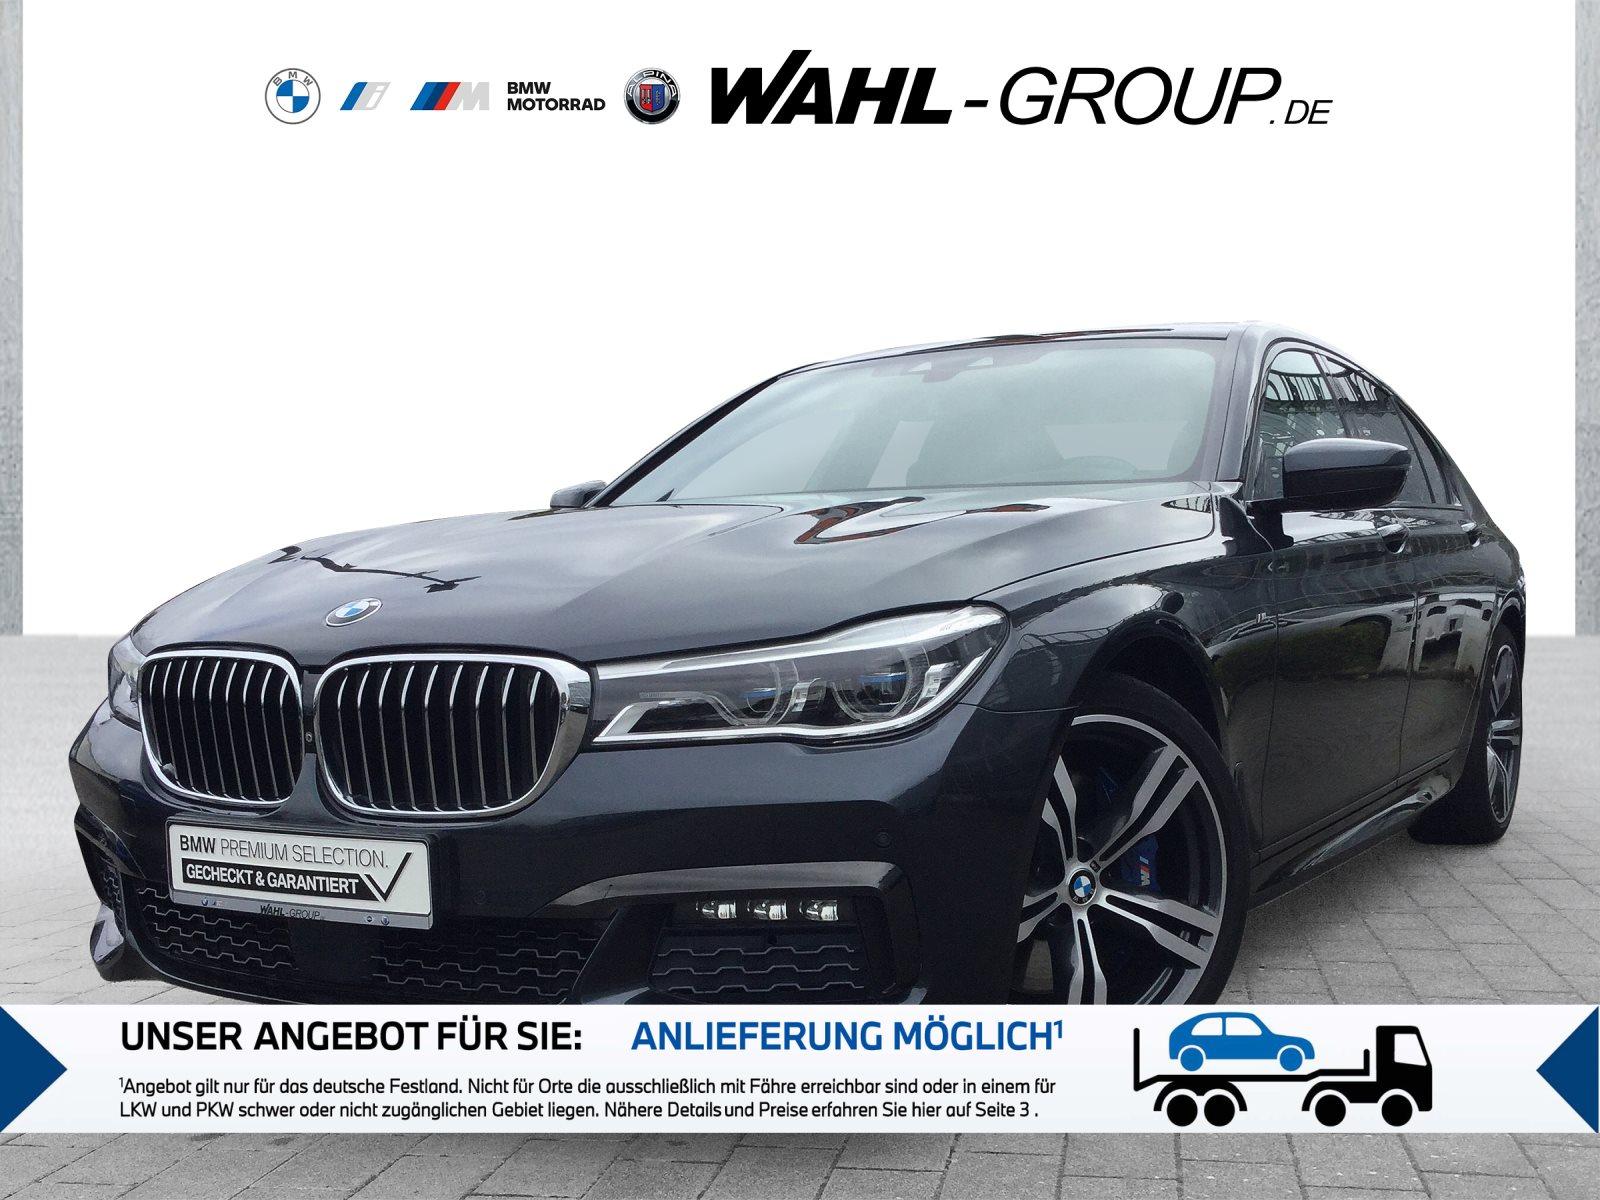 BMW 730d xDrive M Sportpaket Laserlicht Standhzg., Jahr 2018, Diesel